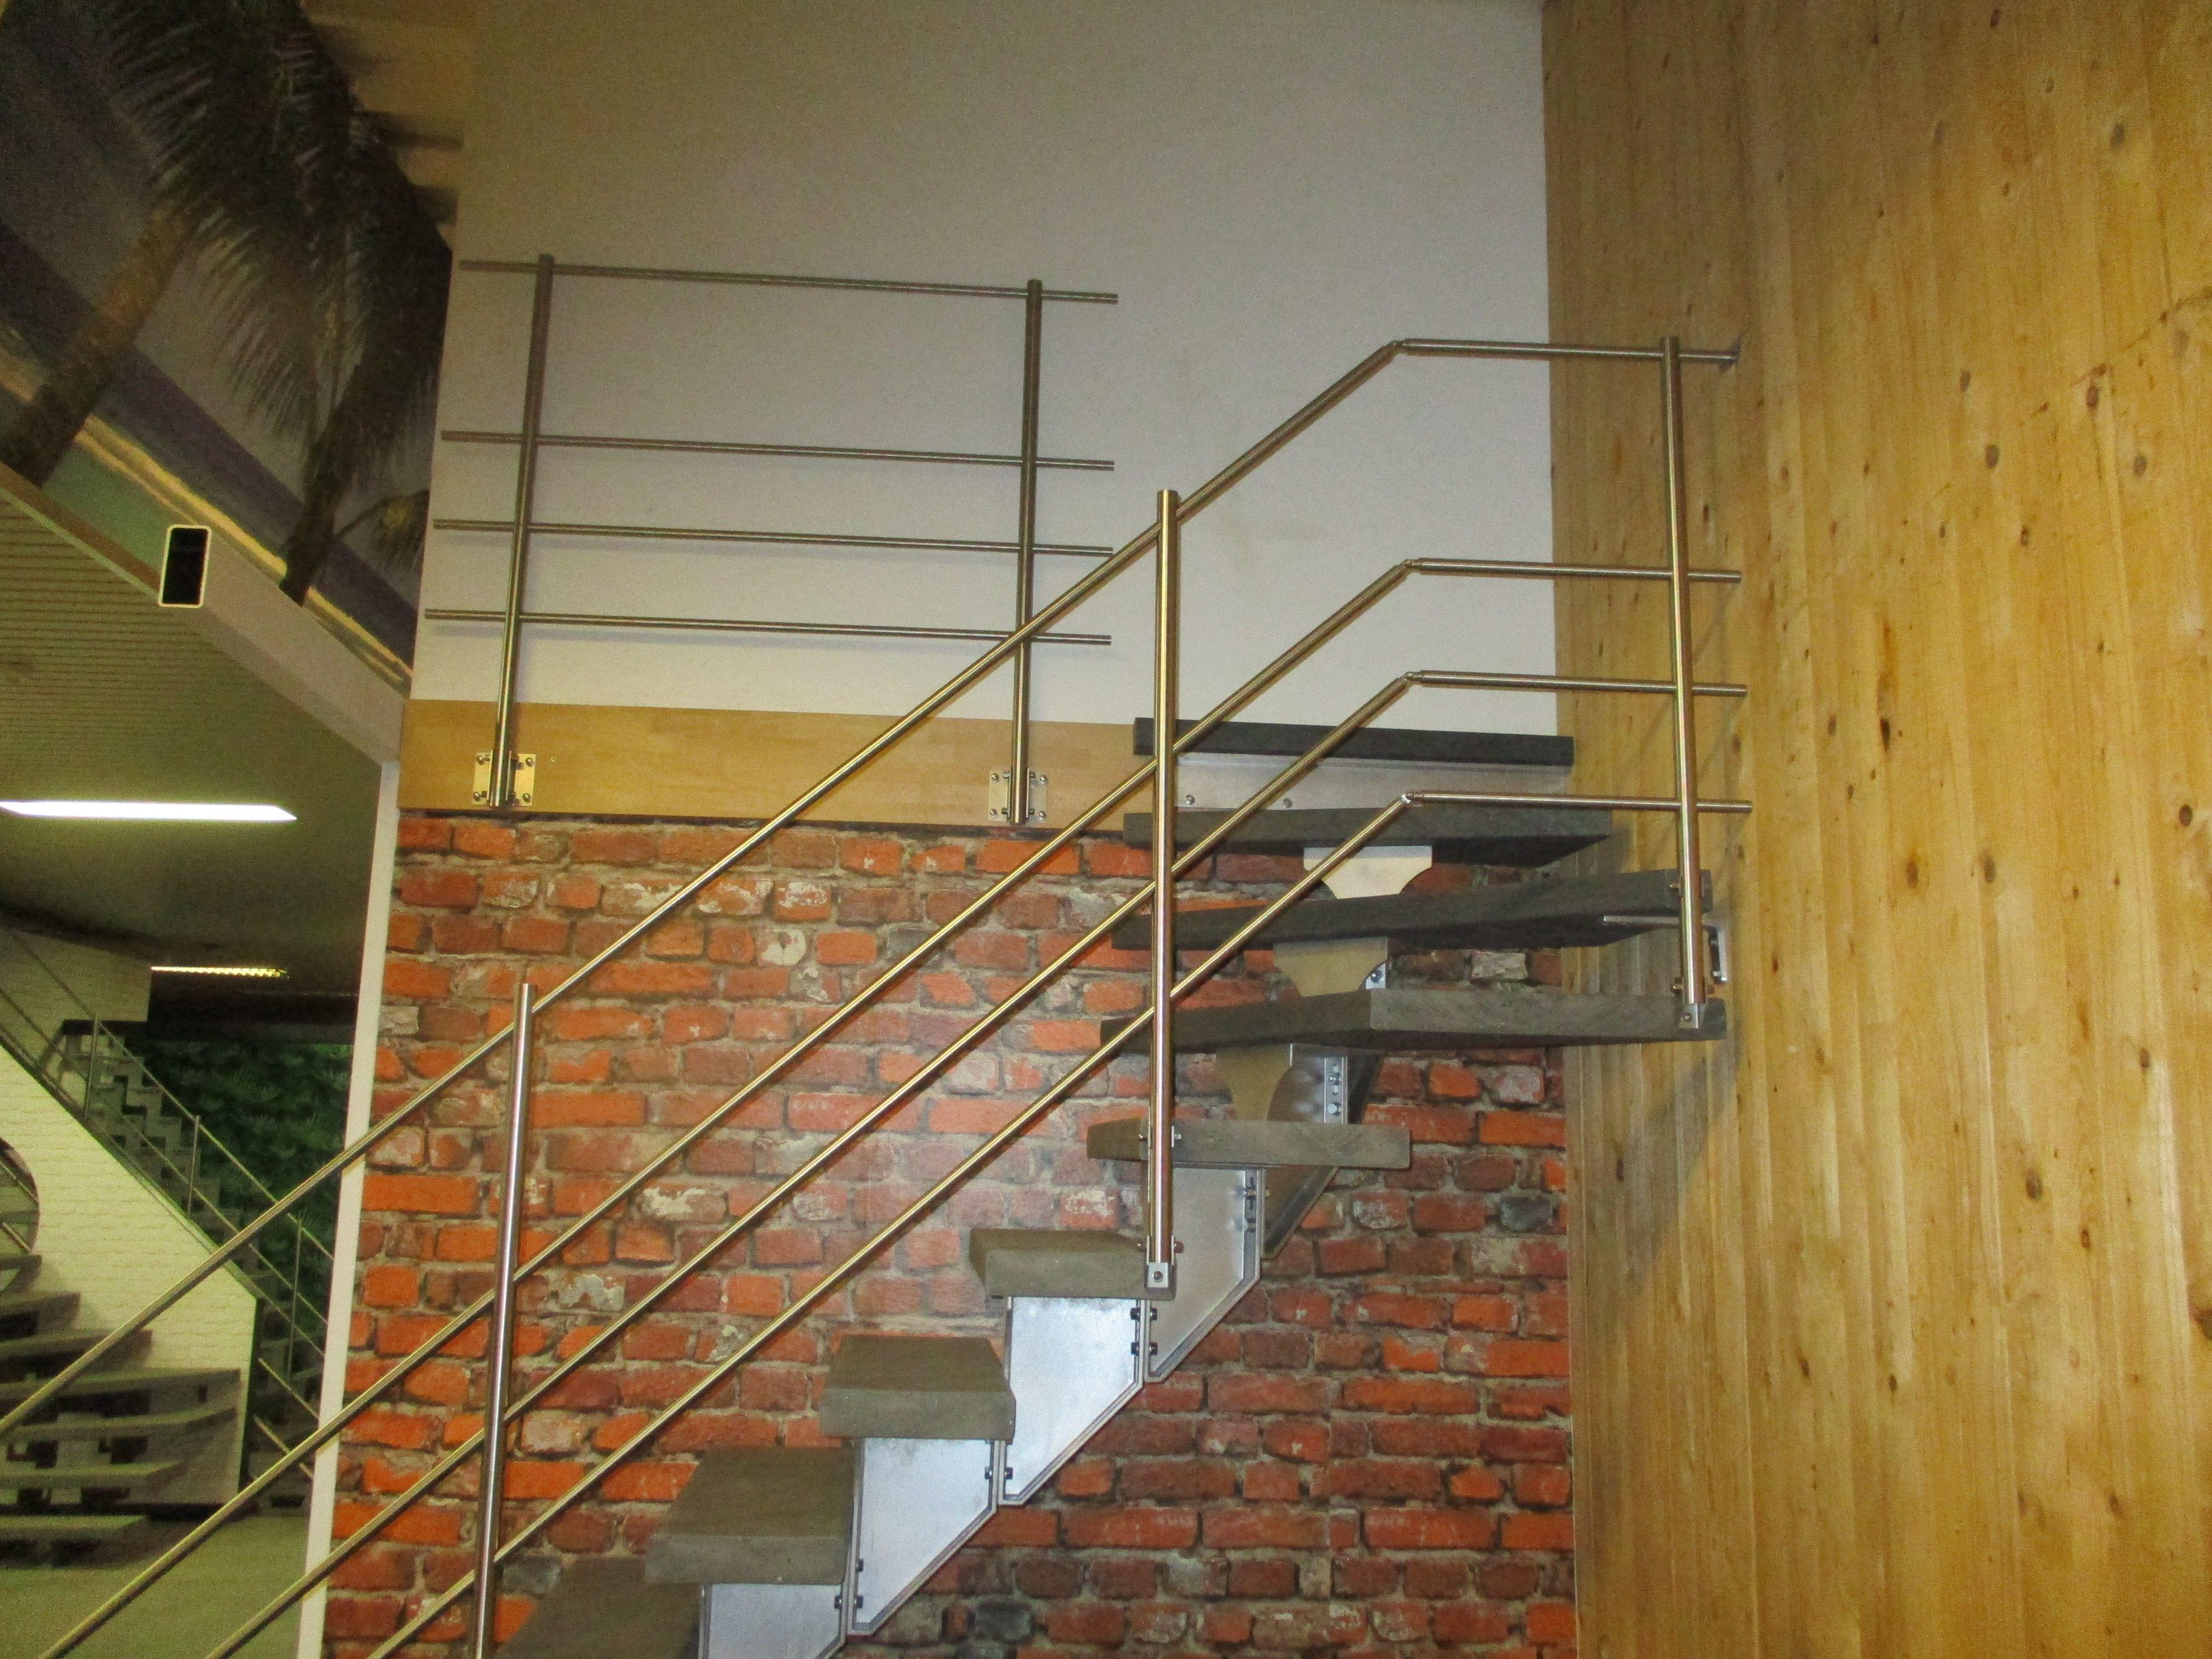 Escalier Modulaire En Aluminium Marches En Matiere Synthetique Rampe Tubulaire A Lisses En Acier Inox Garde Cor Escalier Design Escalier Escalier Modulaire